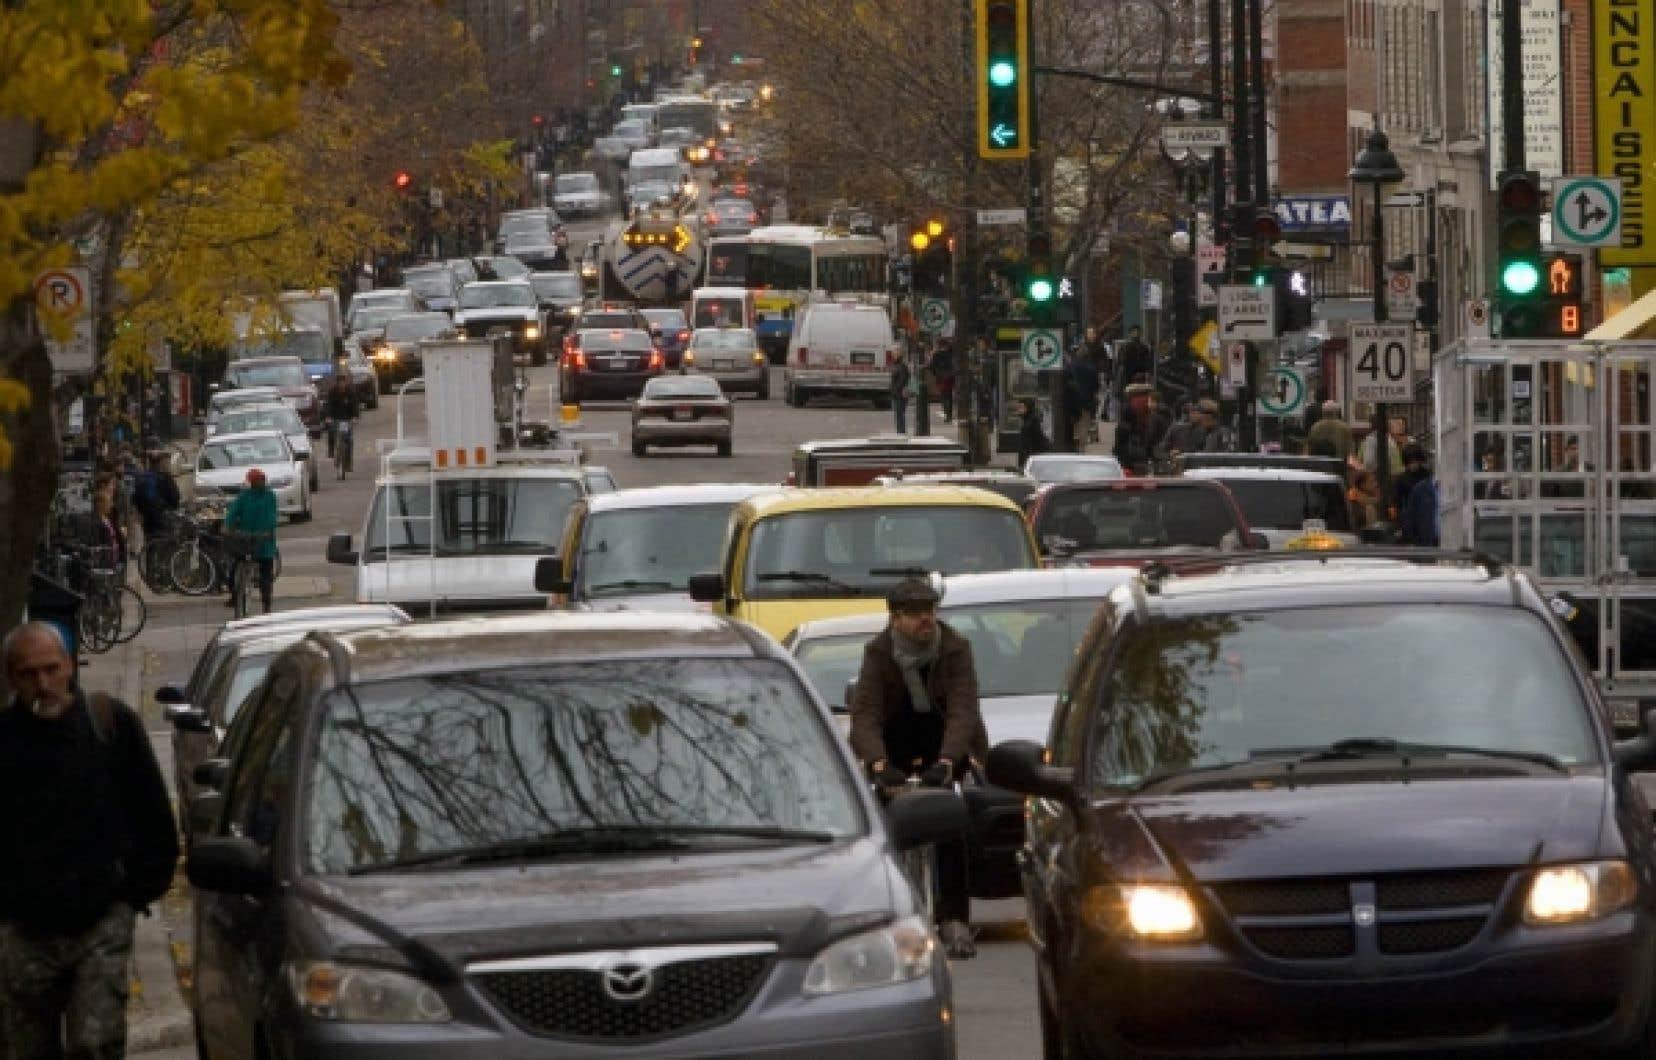 La Ville a amorcé un certain travail de réduction des dépenses en demandant aux arrondissements de dénicher 50 millions de dollars. C'est bien, mais cela demeure nettement insuffisant.<br />